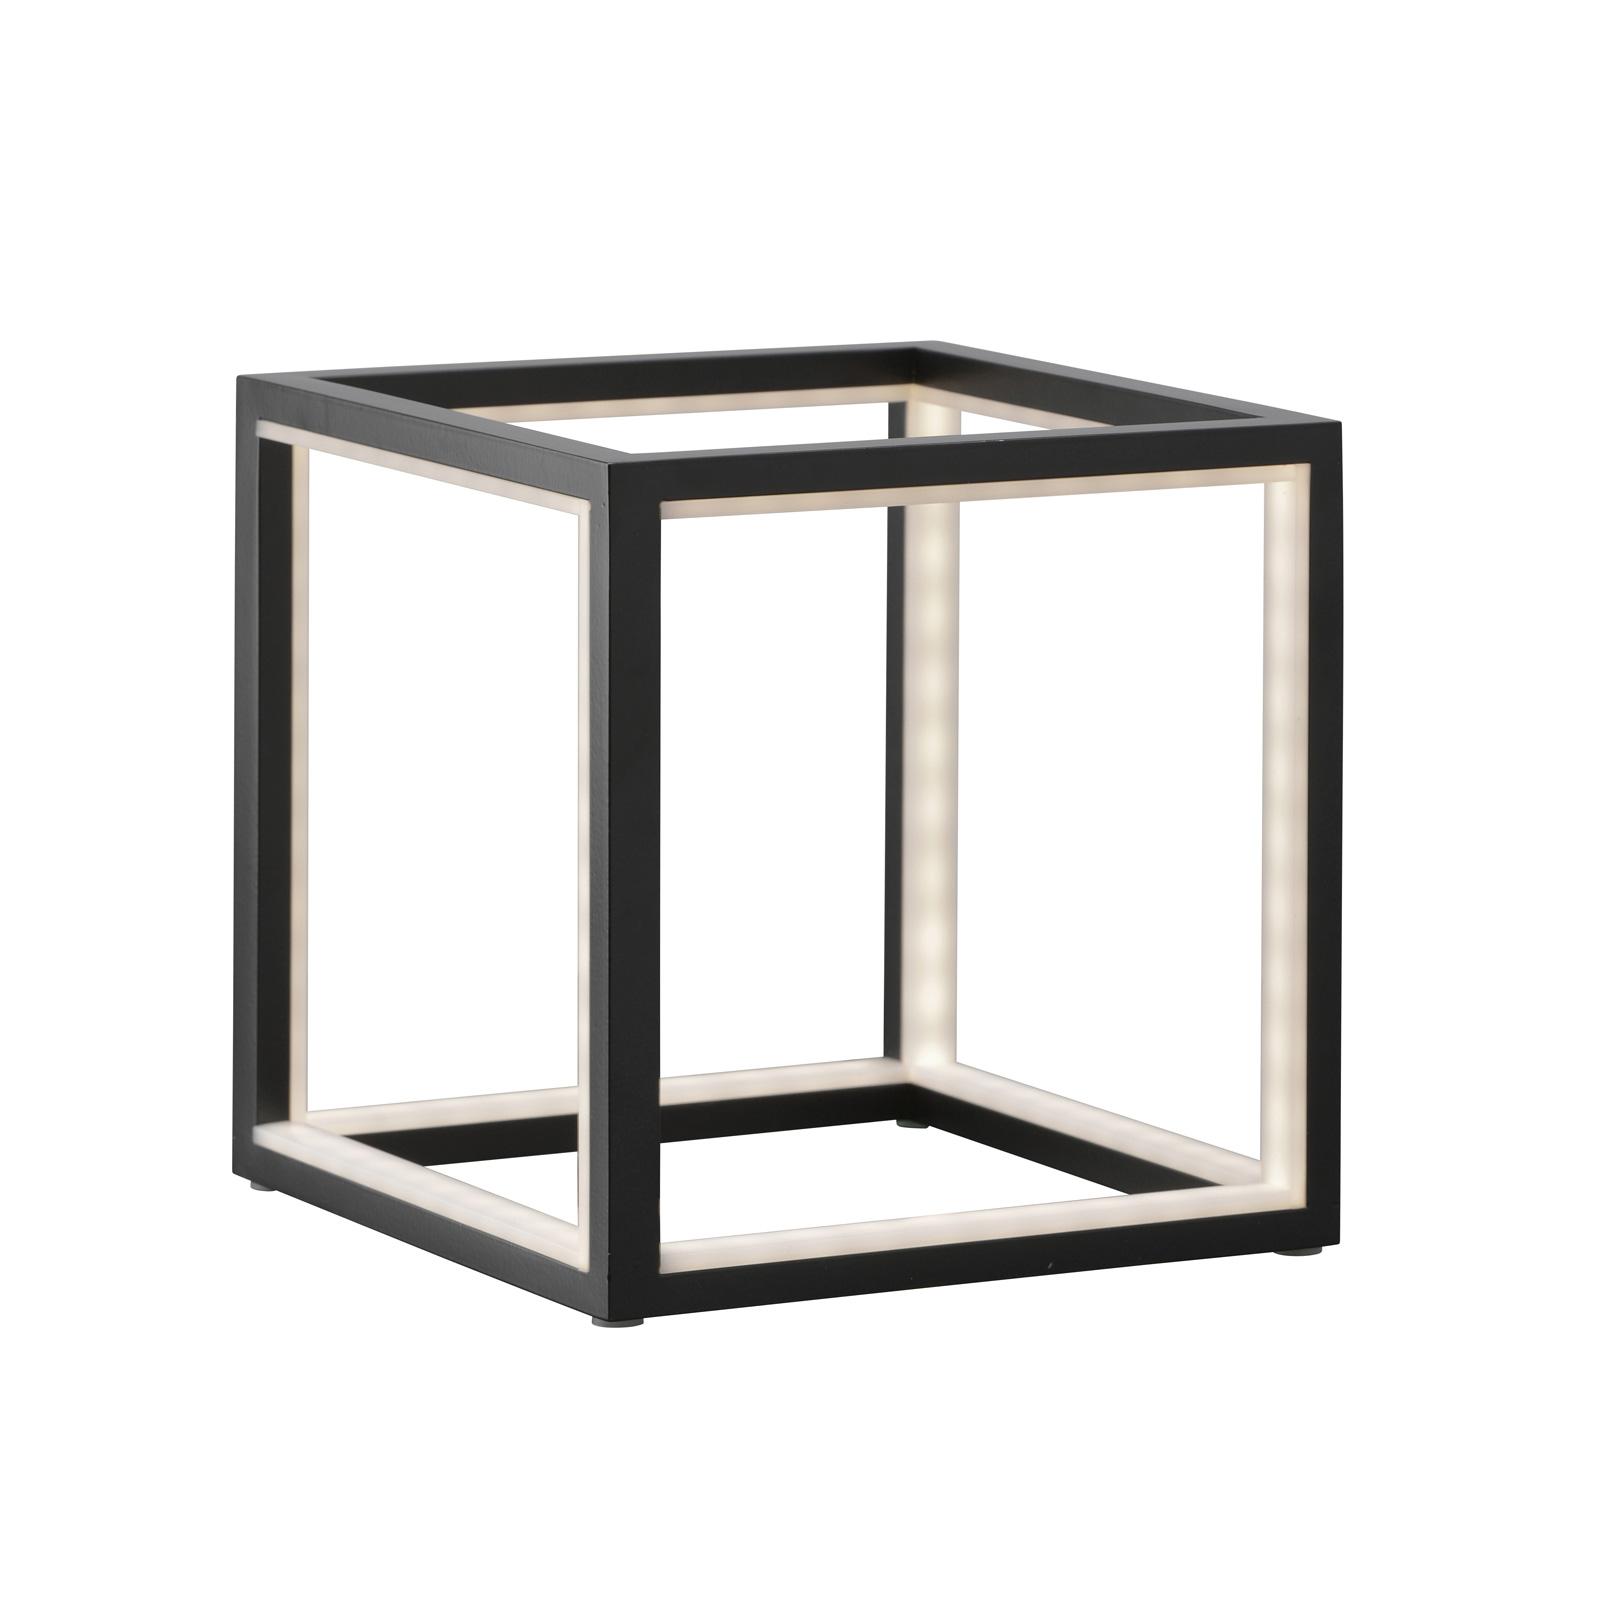 LED tafellamp Delux, zwart, 20 cm